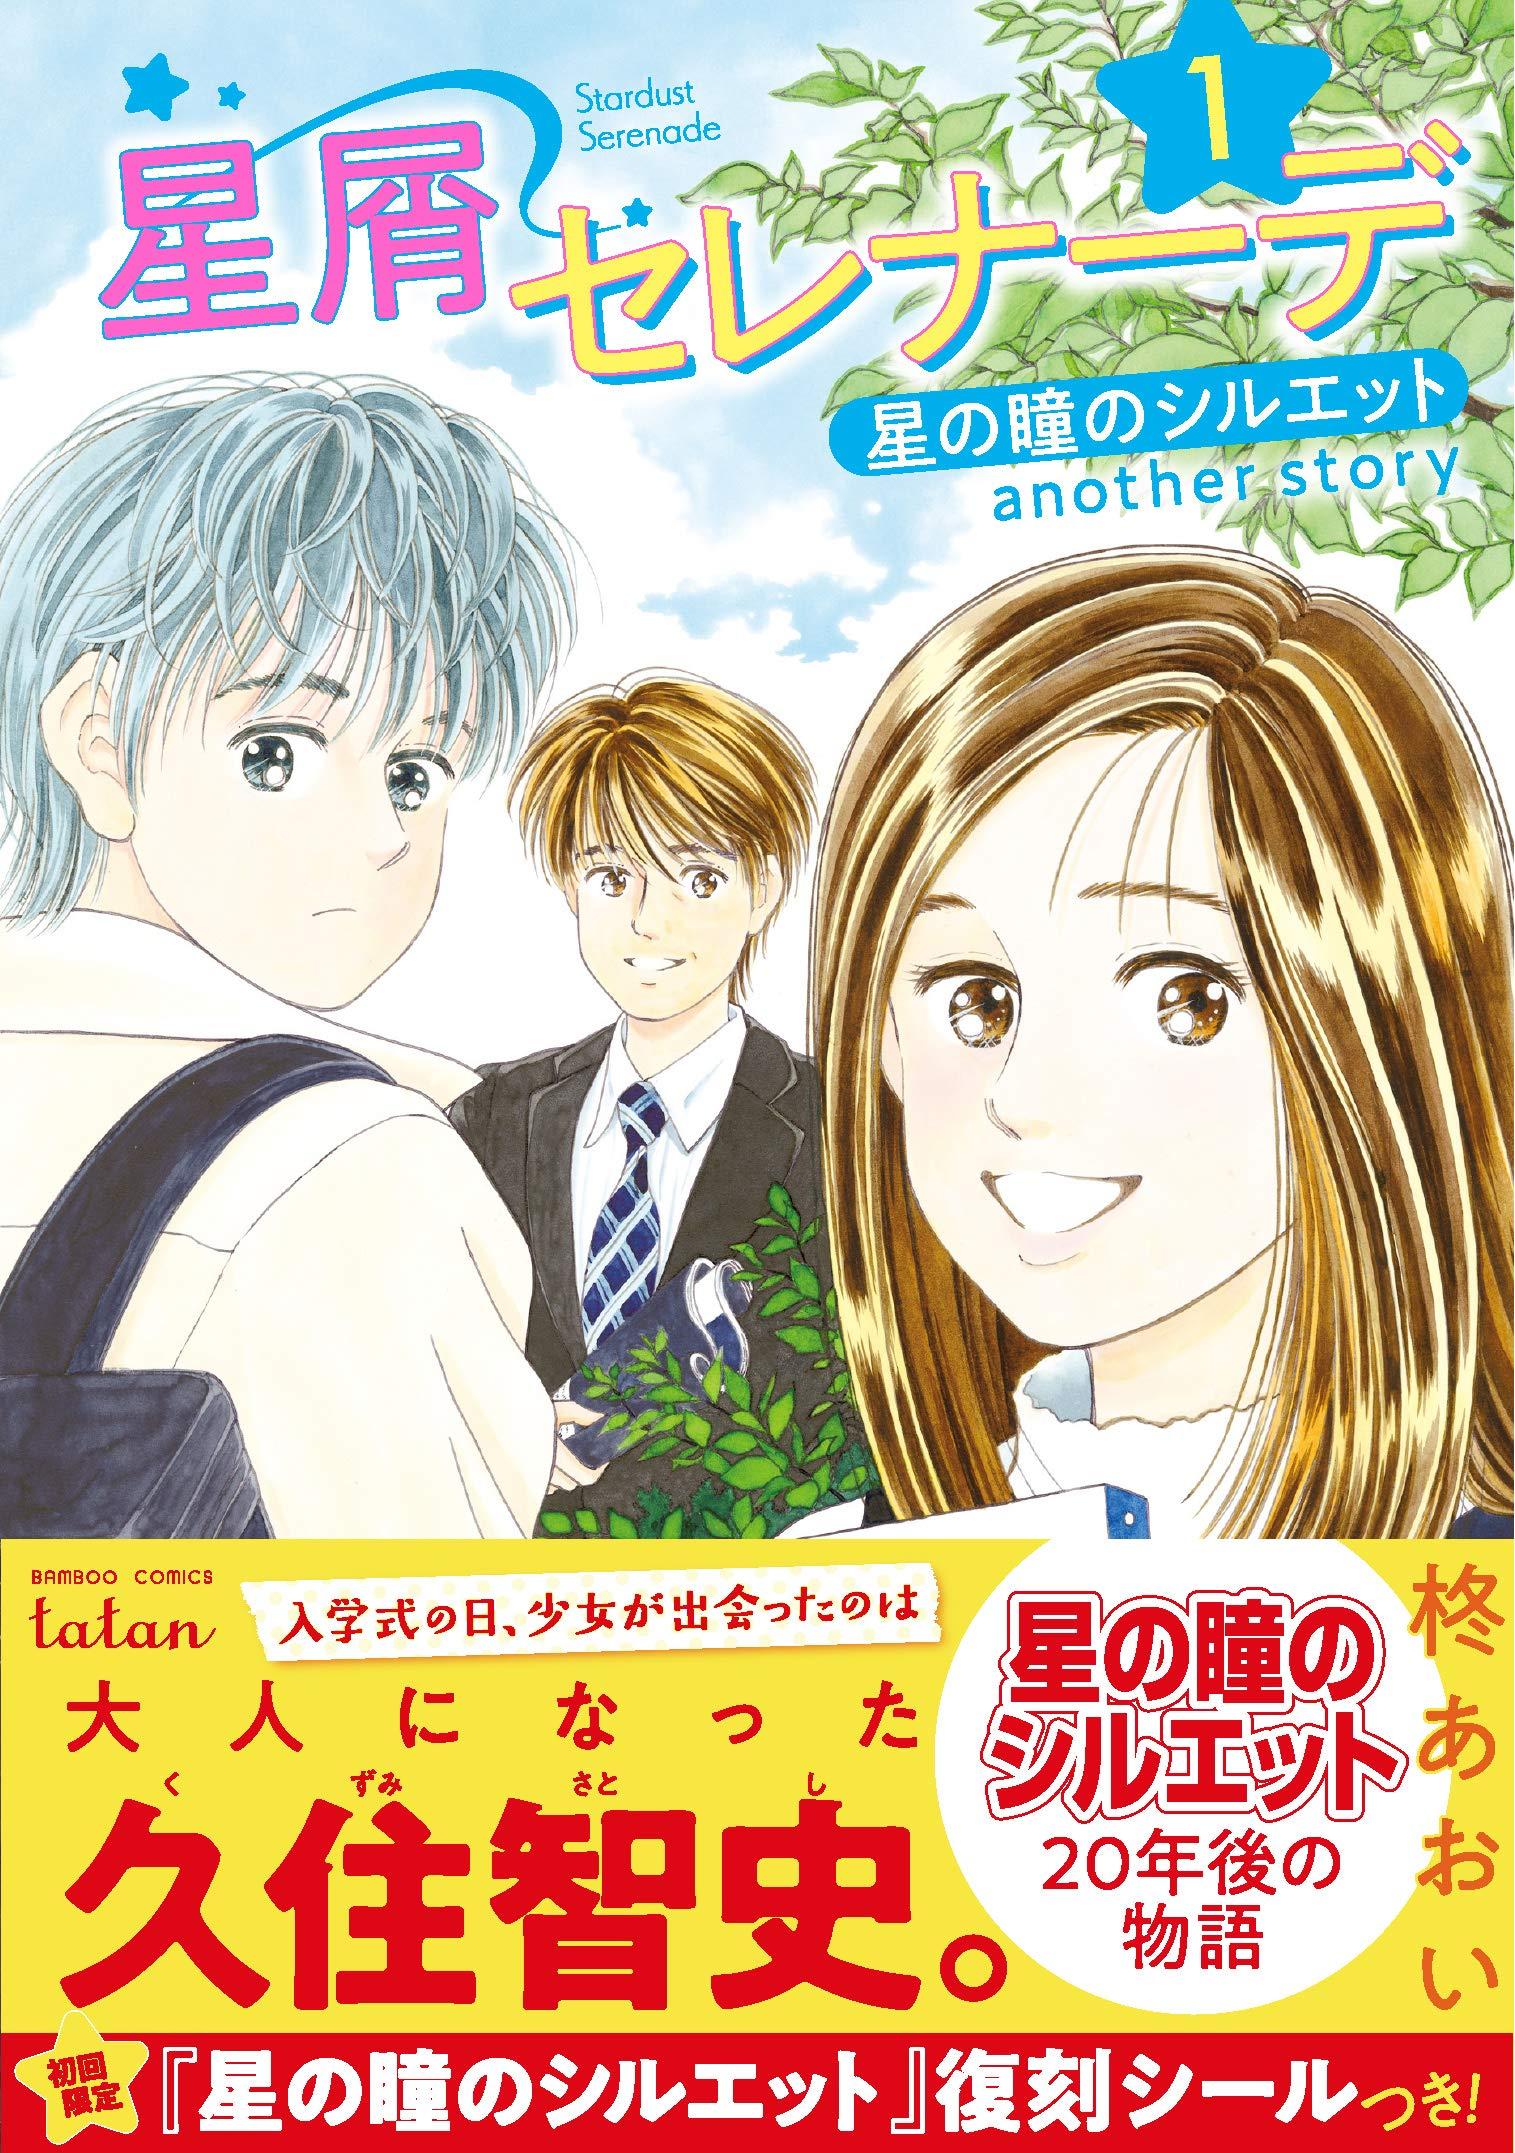 星 の 瞳 の シルエット Amazon.co.jp: 星の瞳のシルエット